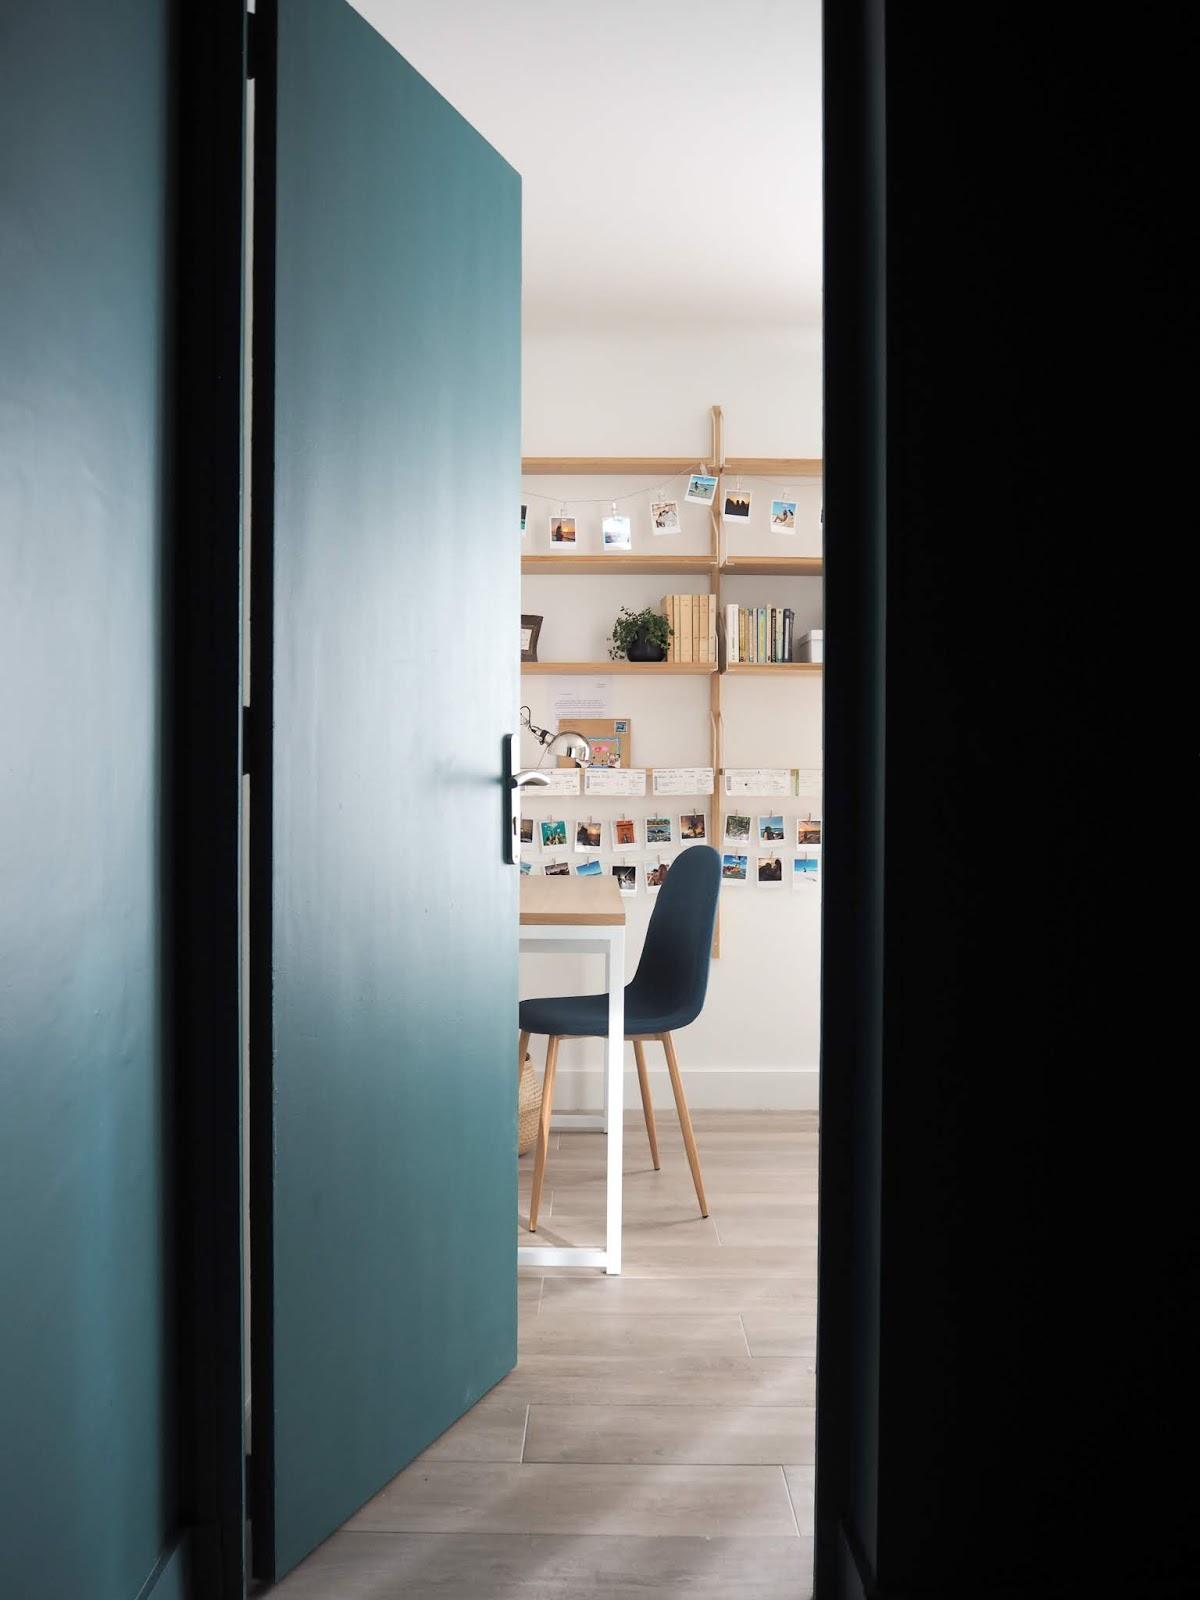 décoration d'intérieur - aix en provence - ilaria fatone- maison paulette - chambre étage